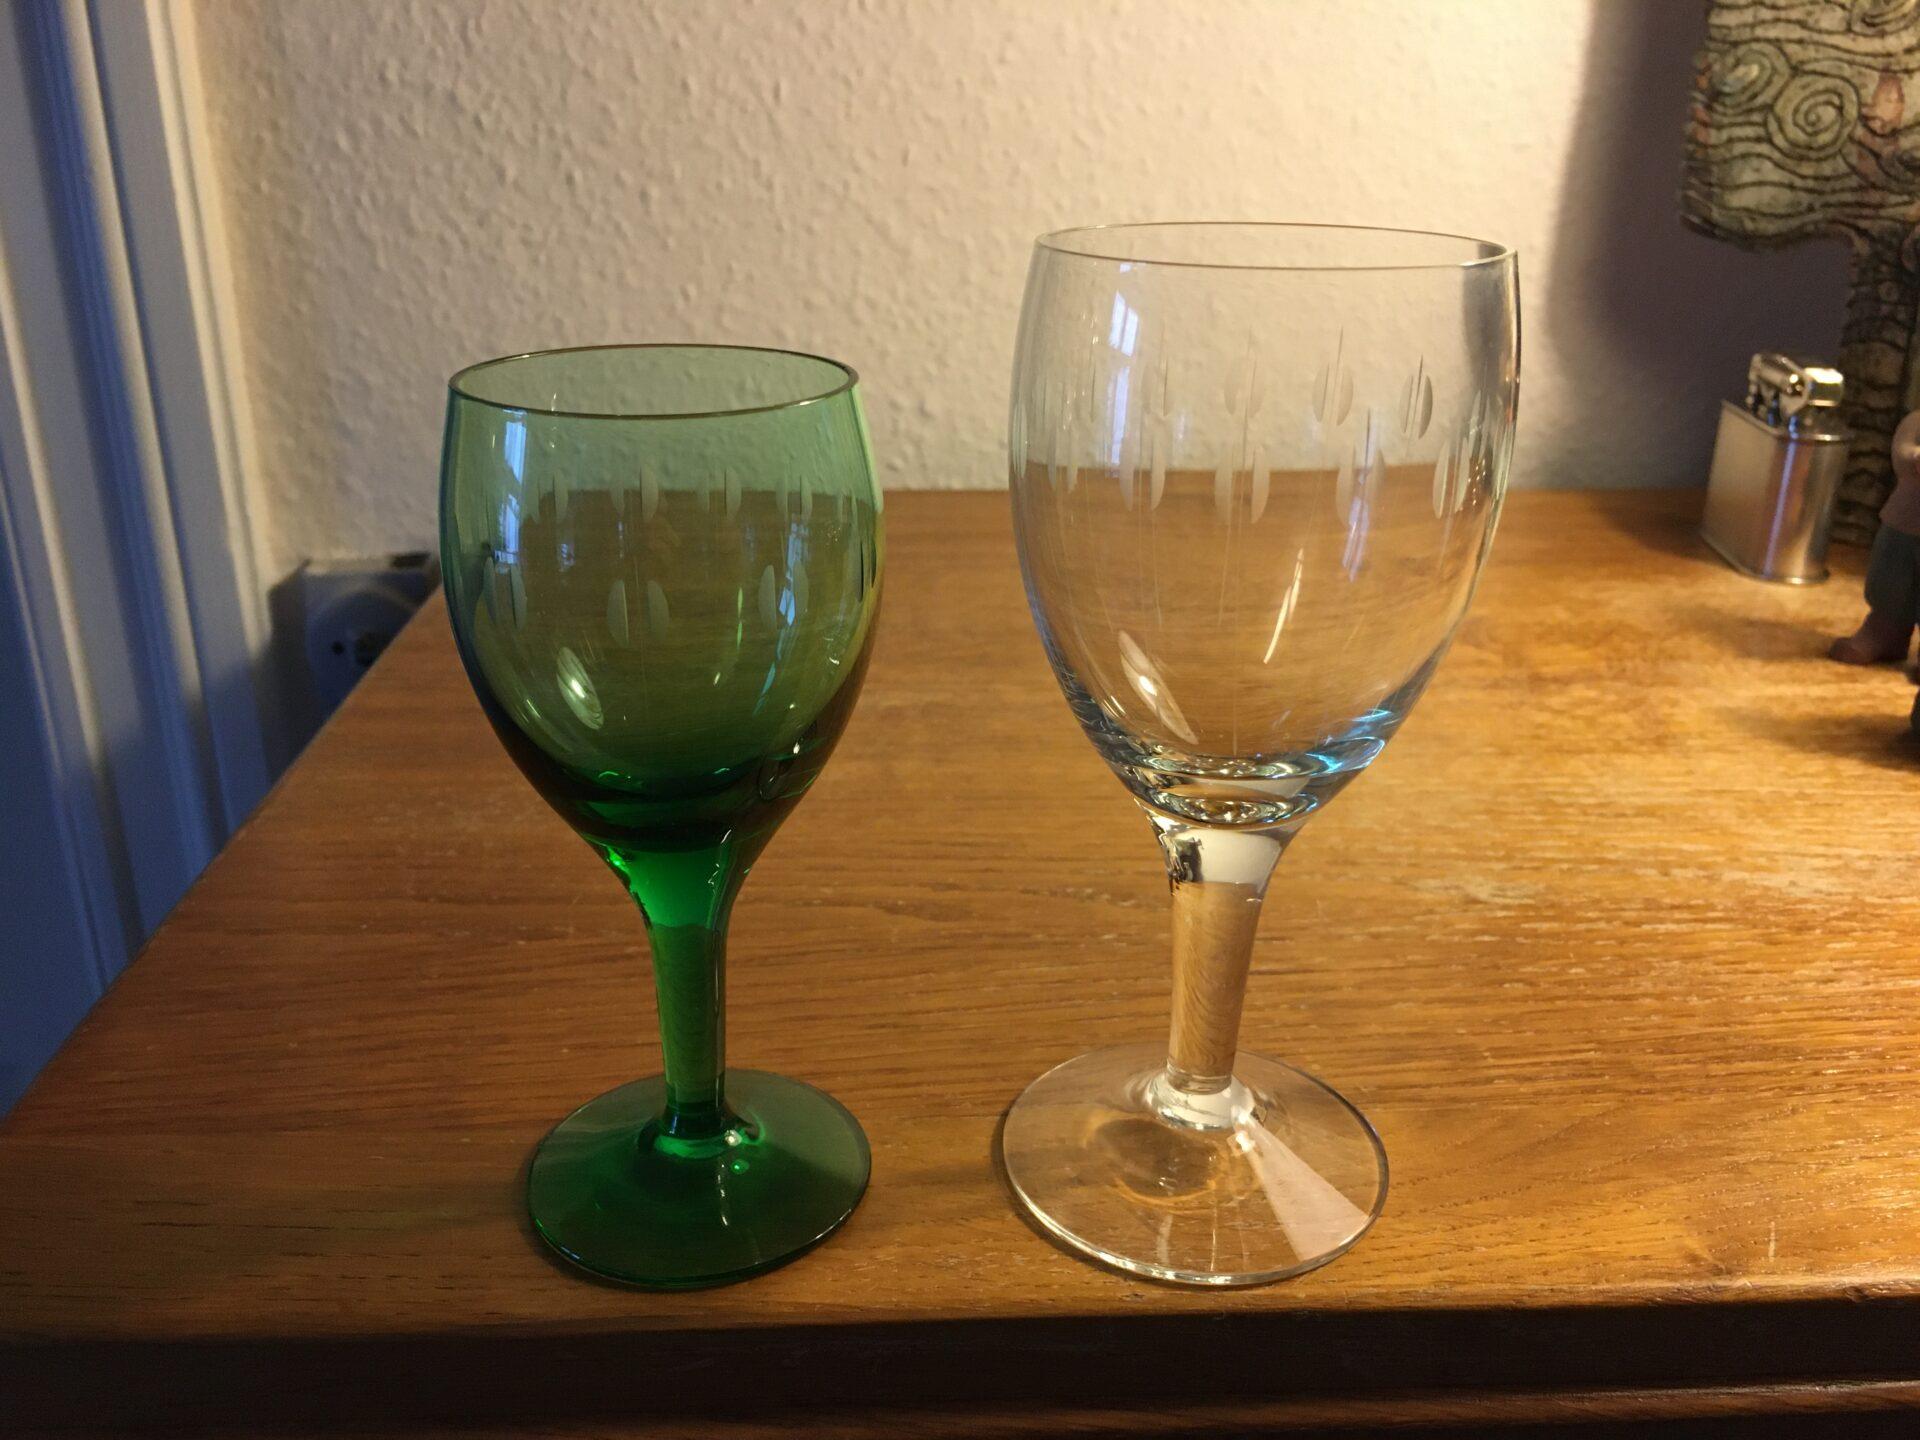 Holmegaard Kirtsen Piil, rødvin pr stk 50 kr, grønne hvidvin pr stk 75 kr